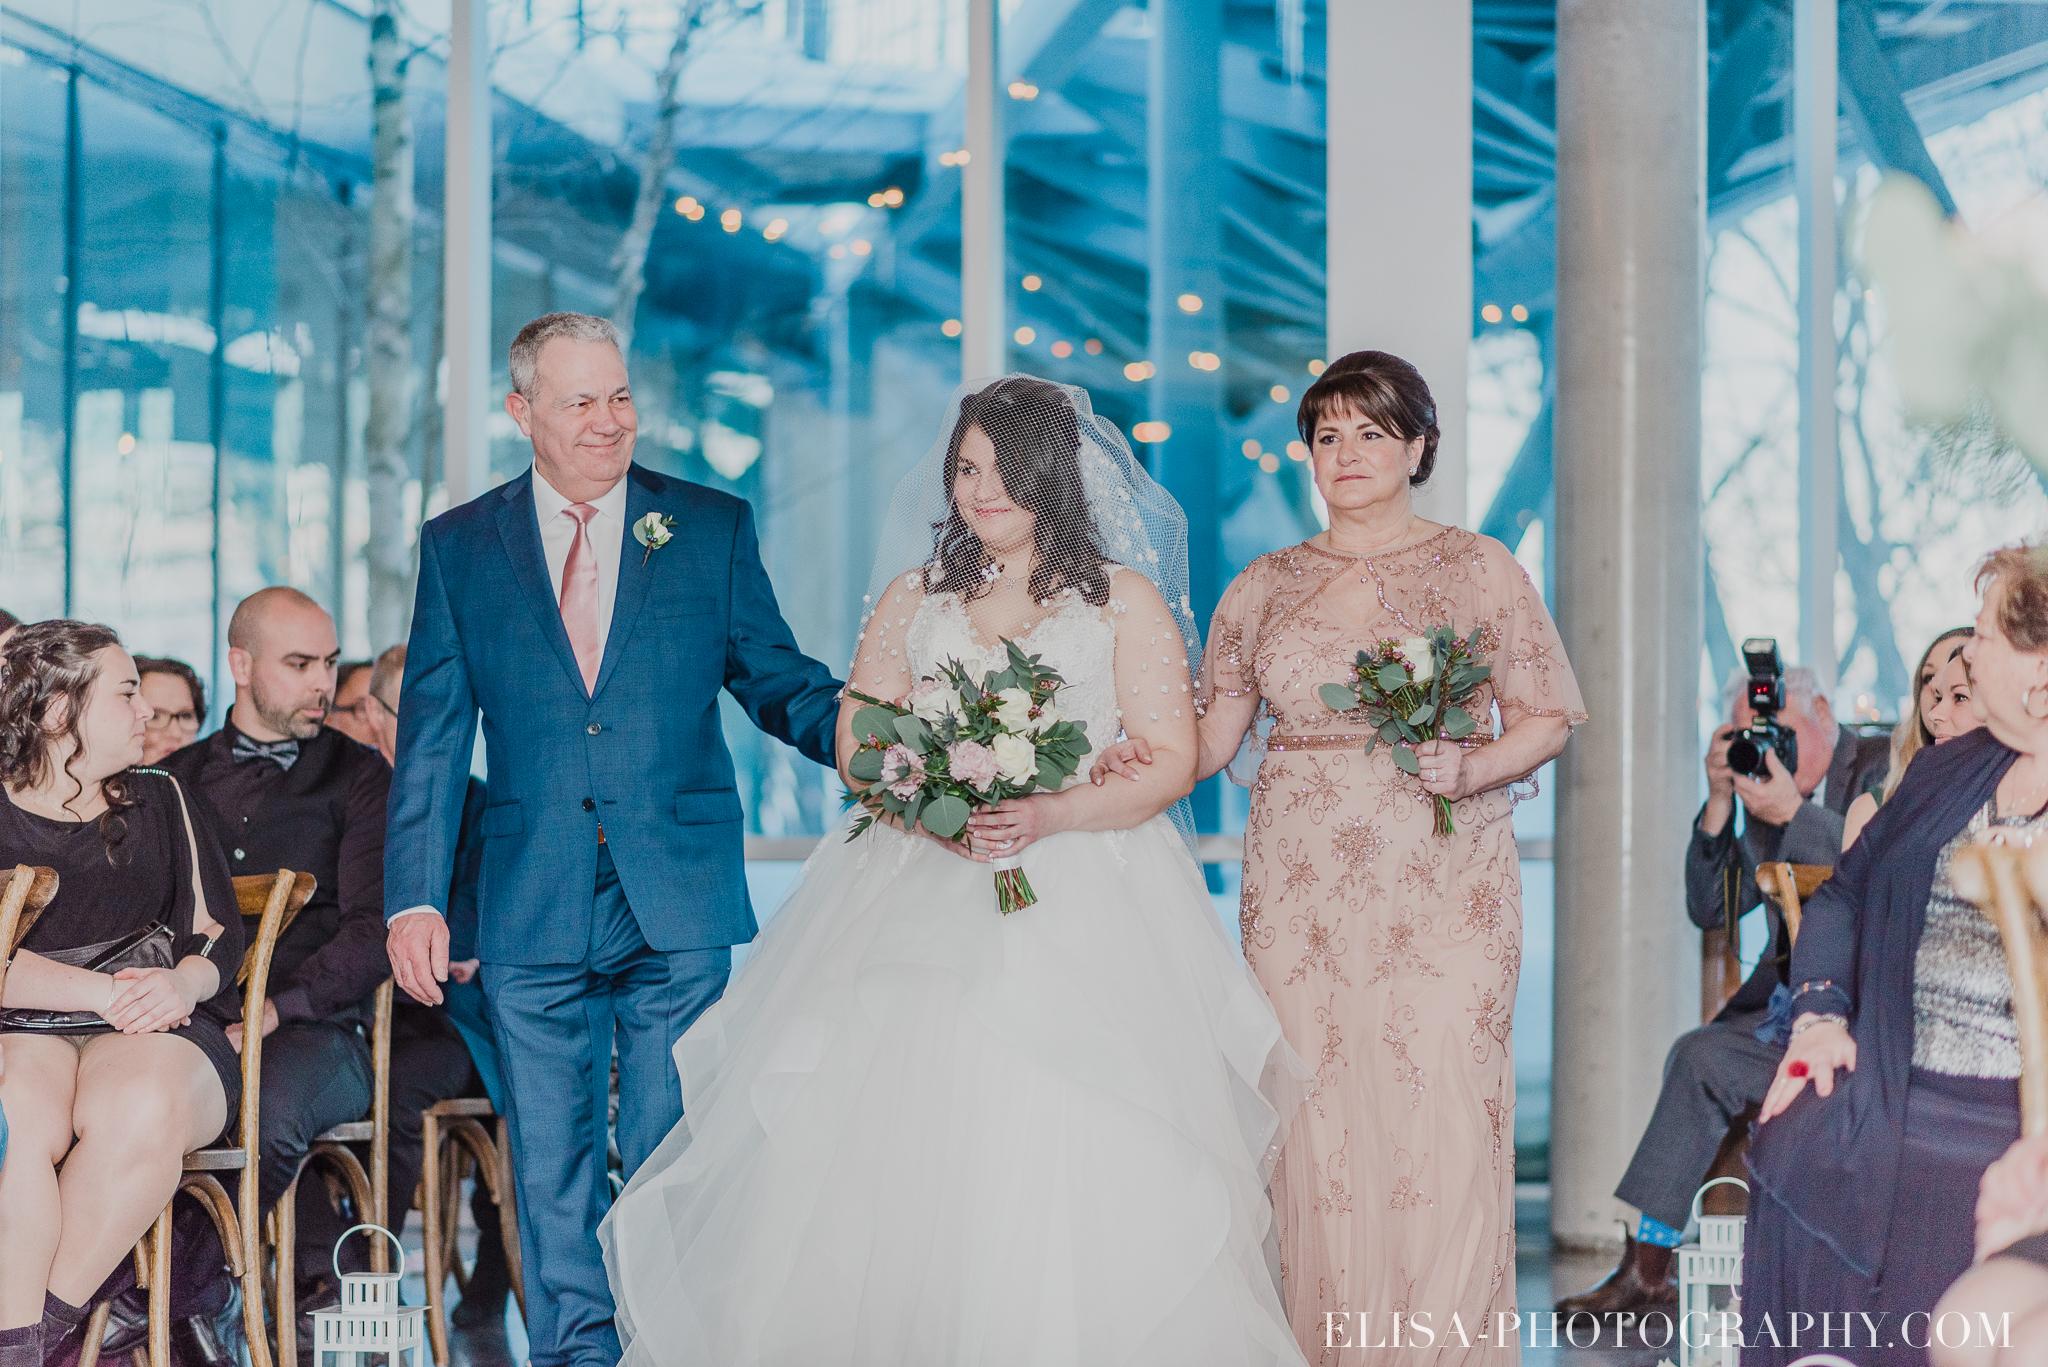 photo mariage hiver salle quai cap blanc port quebec ceremonie allee mariee parents 3156 - Un chaleureux mariage hivernal à la salle du Quai du Cap Blanc, Québec